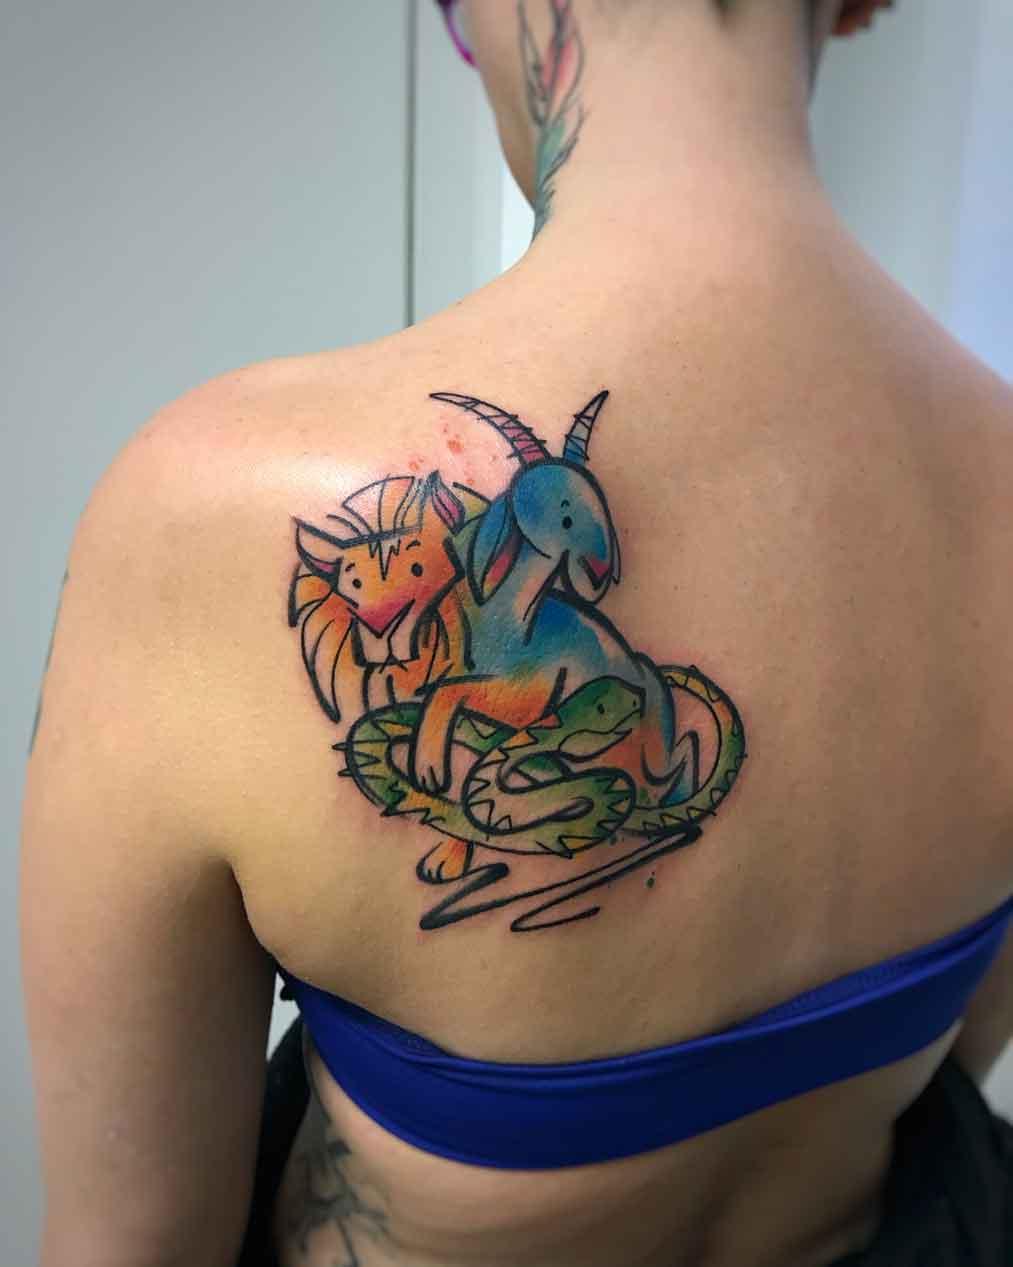 Tatuaggio acquerello chimera schiena colore